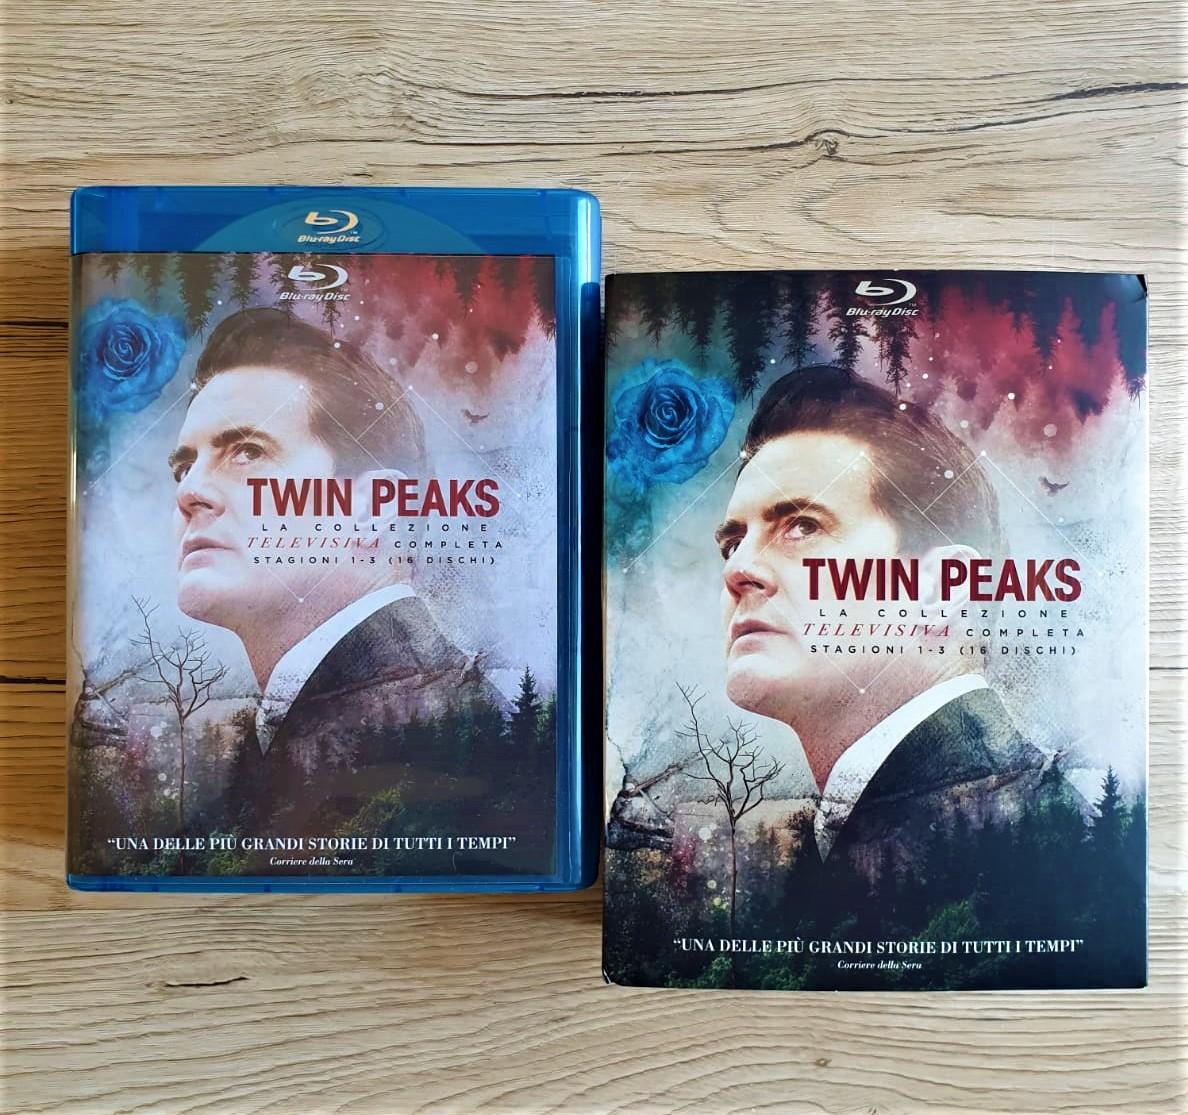 Twin Peaks, l'imperdibile cofanetto Blu-Ray con tutte e 3 le stagioni